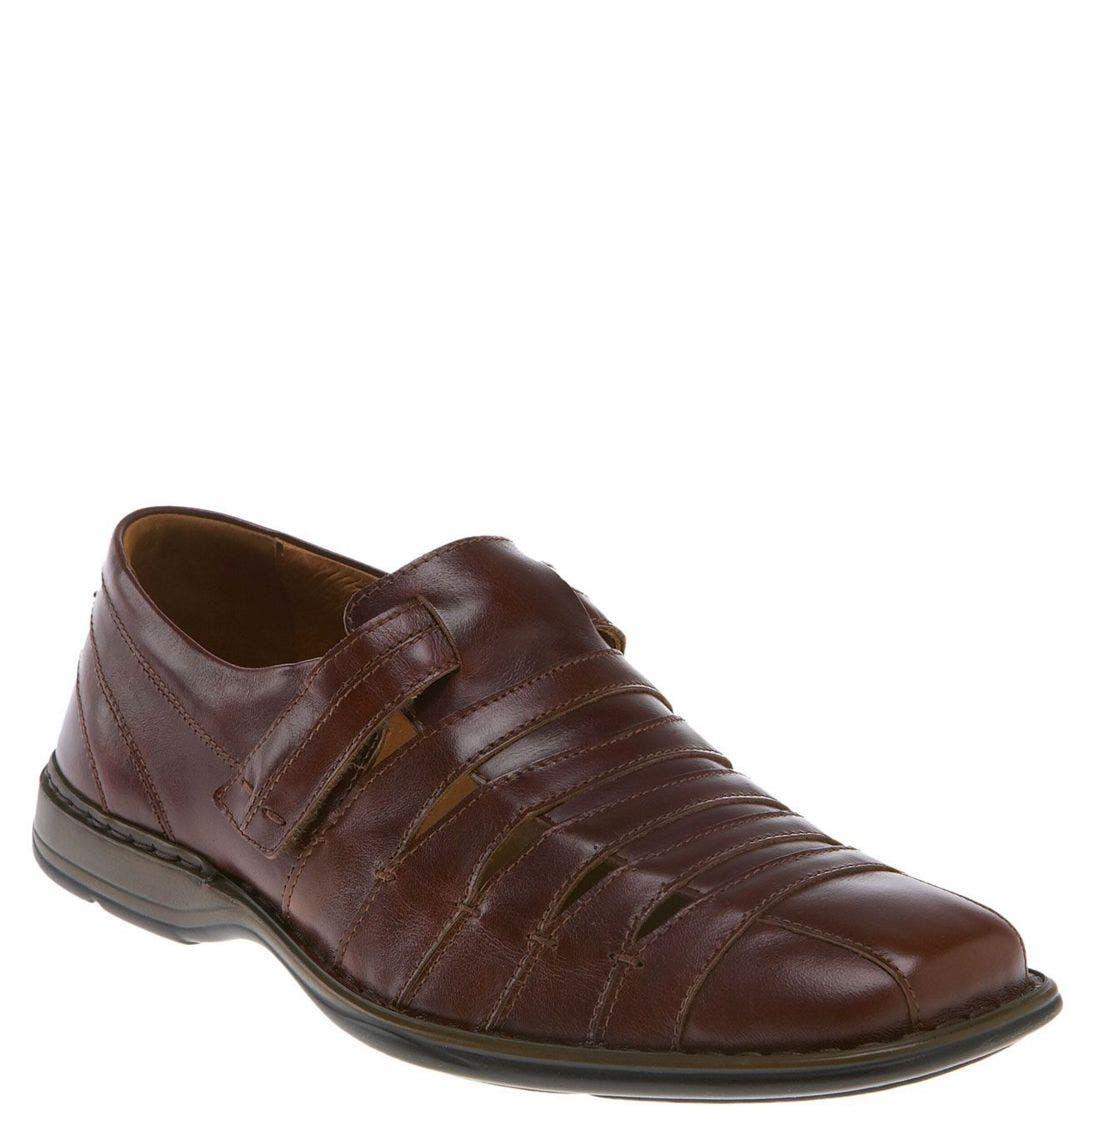 'Steven' Sandal